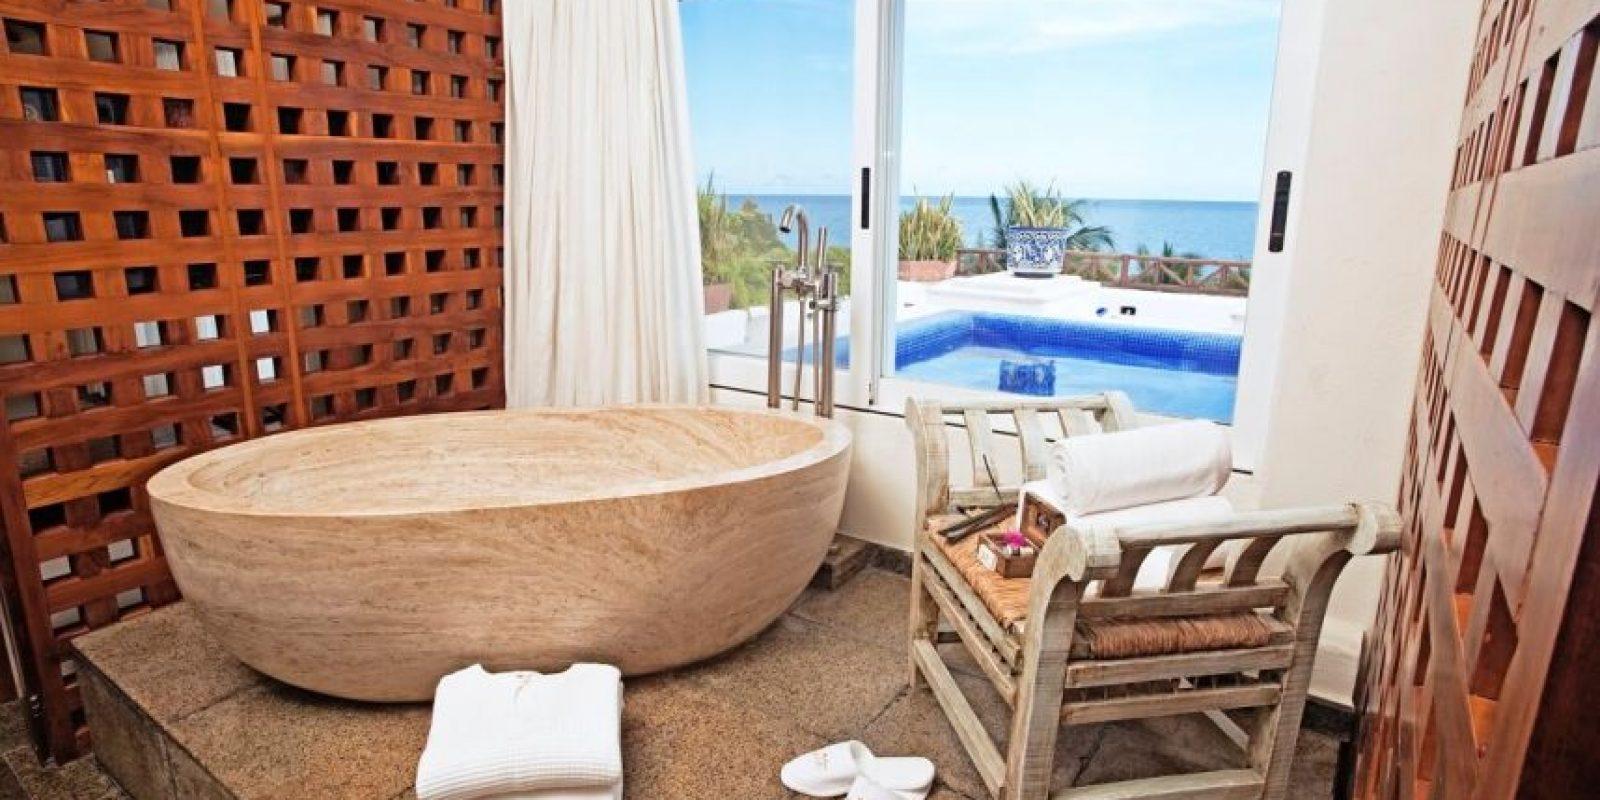 Hotel Temptation Foto:trivago.com.mx